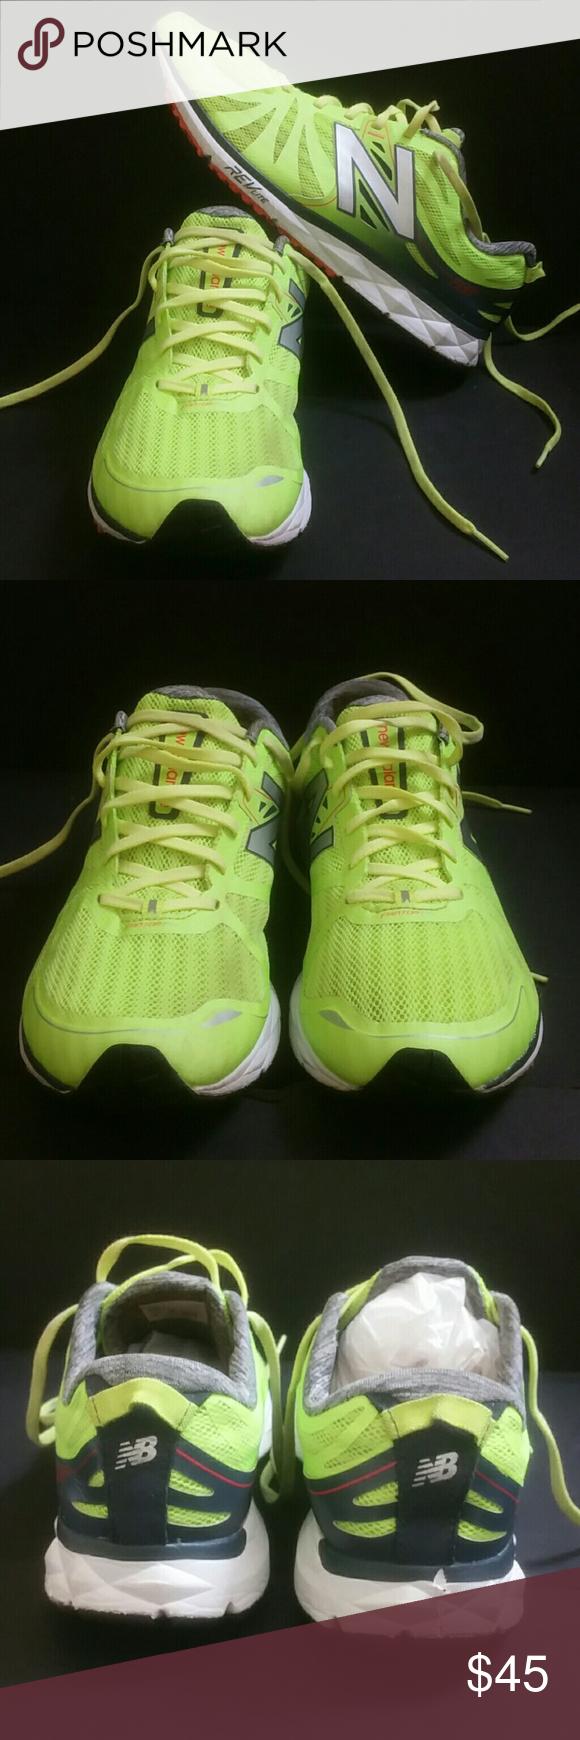 NEW BALANCE 1500 V2 MEN'S SHOES   Shoes, New balance shoes, Men's ...